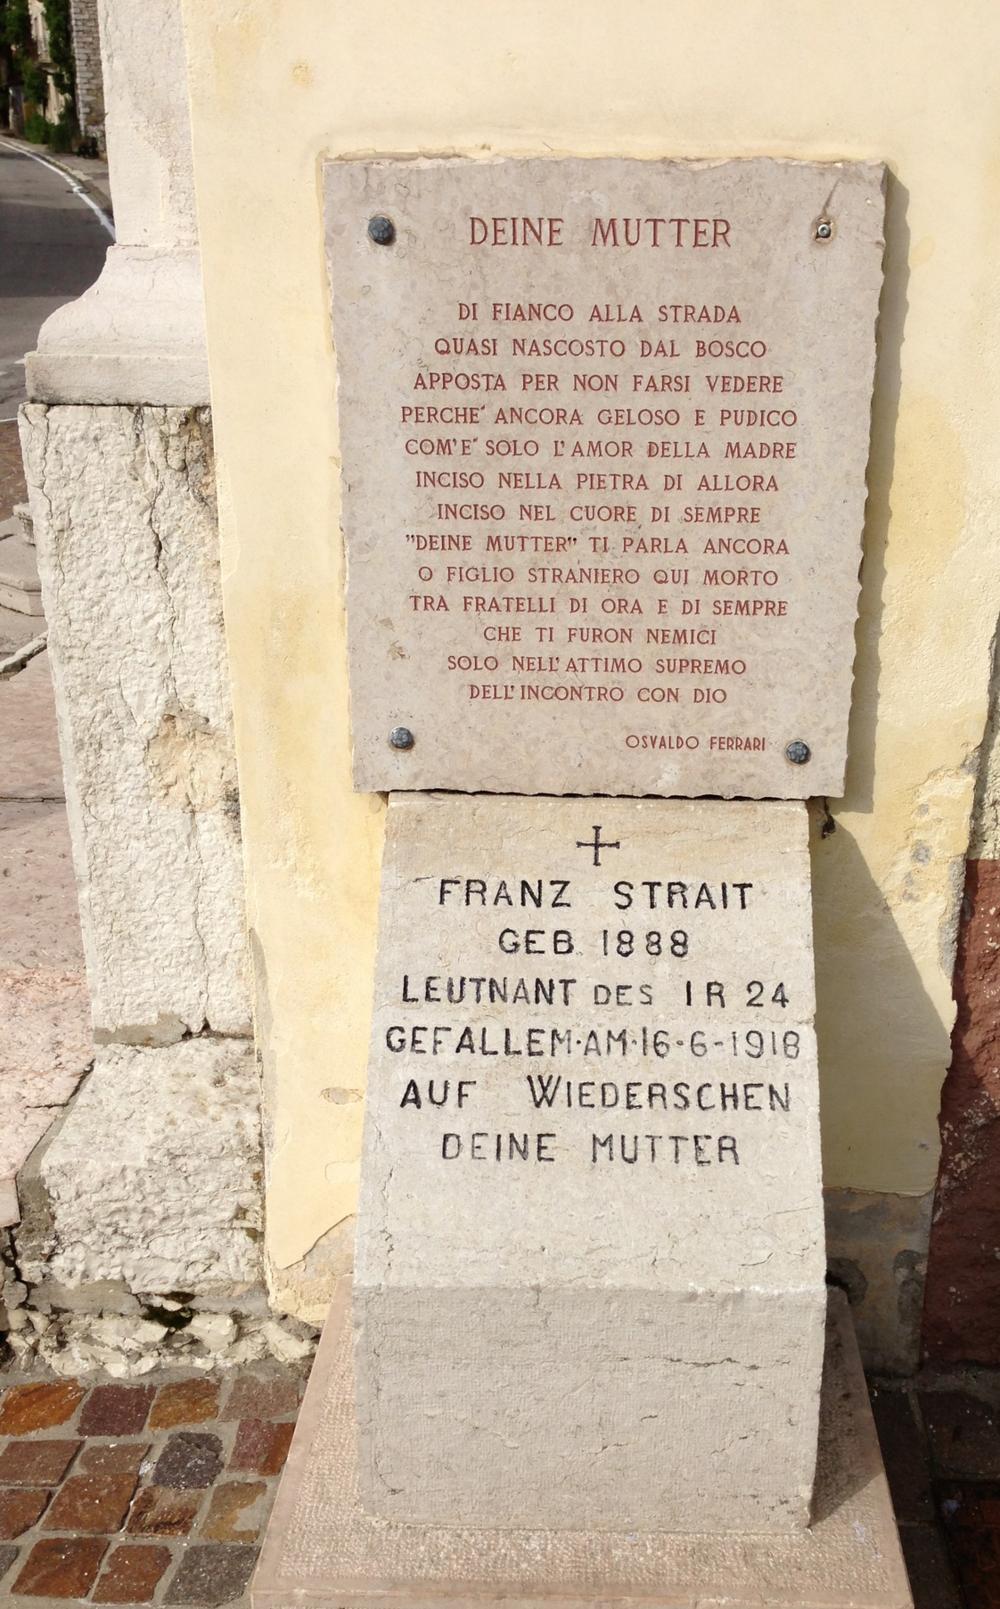 Lapide in memoria di Franz Strait, Tenente dell'I.R.24° Reggimento di Fanteria A.U. Caduto il 16.06.1918, posta dalla sua famiglia vicino al luogo della morte e poi trasferita alla Chiesa di Cesuna (impreziosita da una poesia di Osvaldo Ferrari)